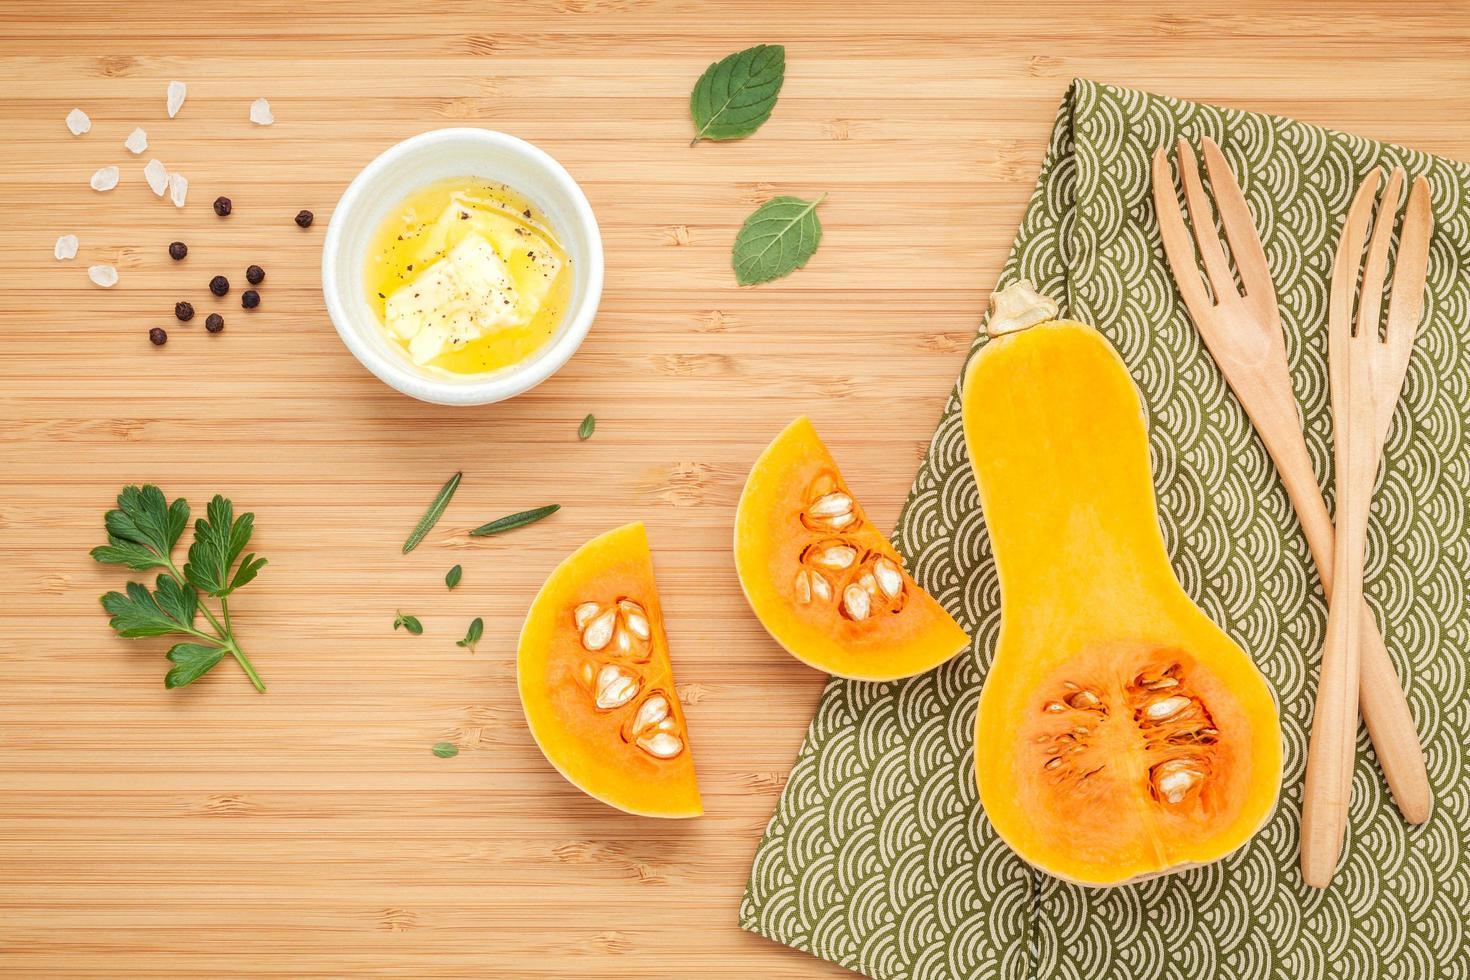 ingrediënten voor pompoensoep foto